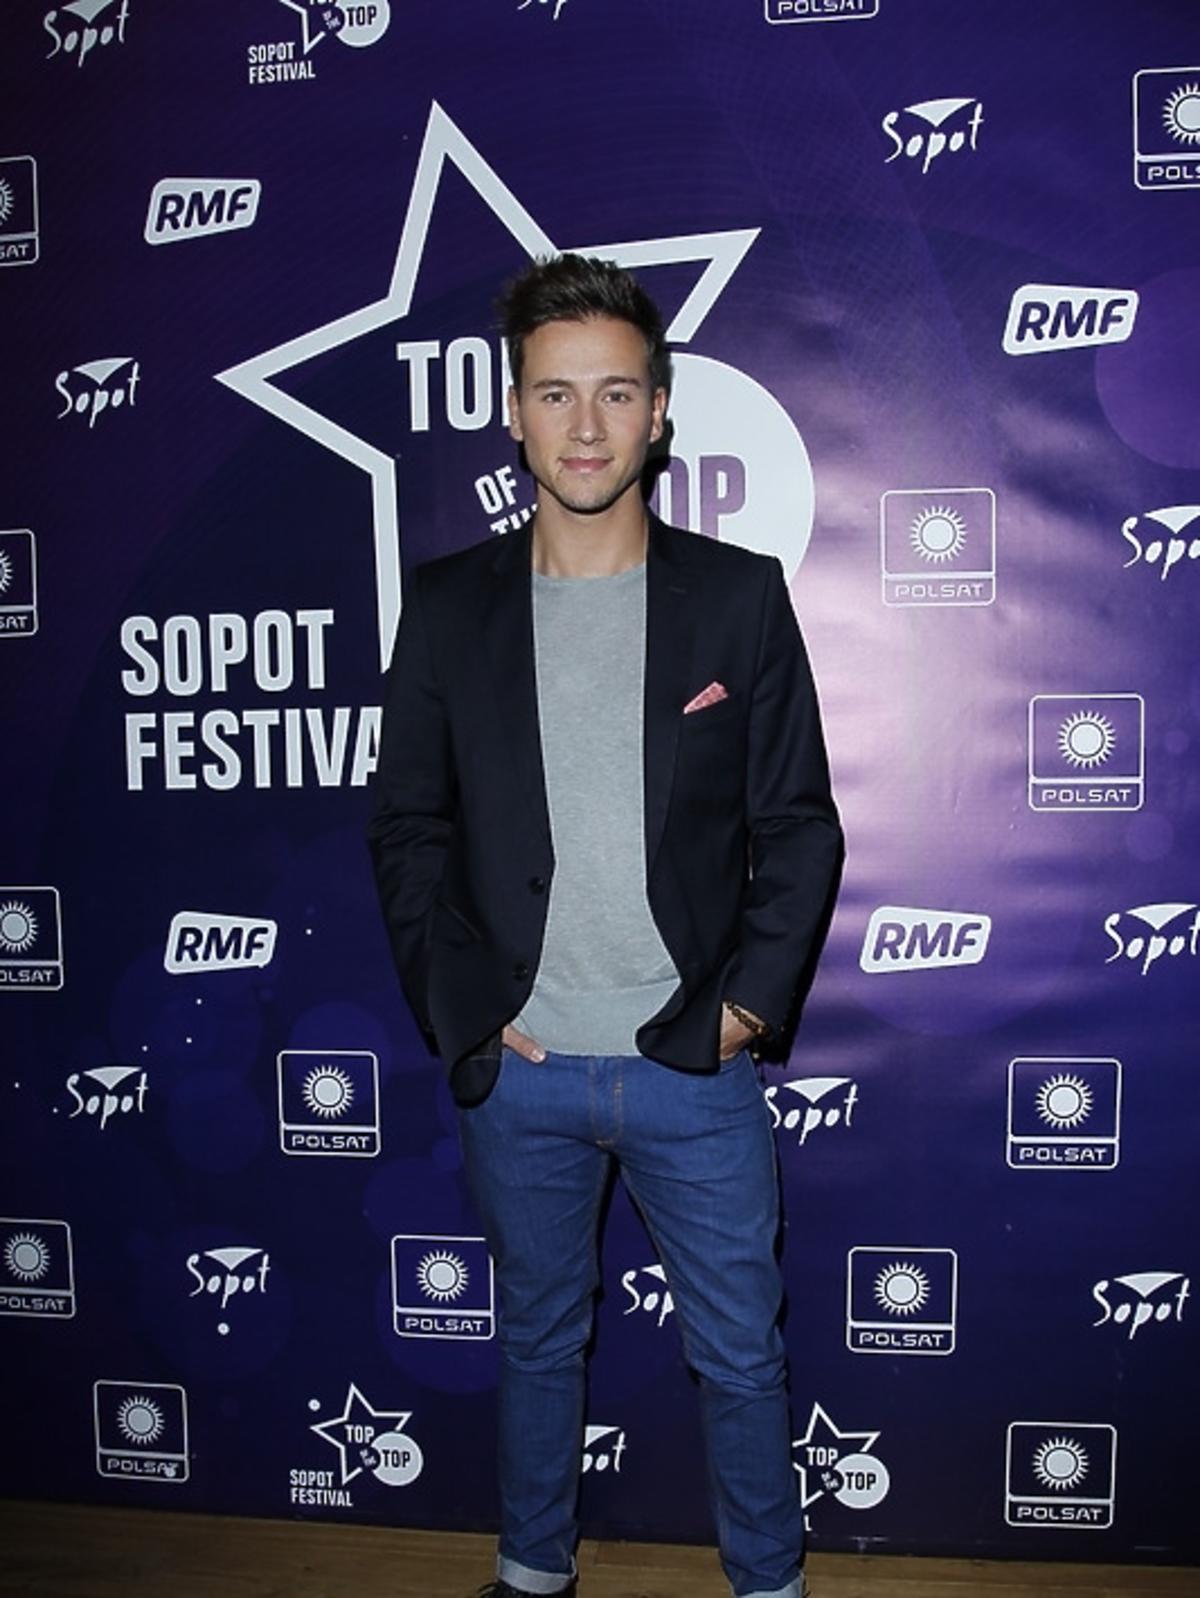 Yannick Bovy podczas konferencji Sopot Top of the Top Festival 2013